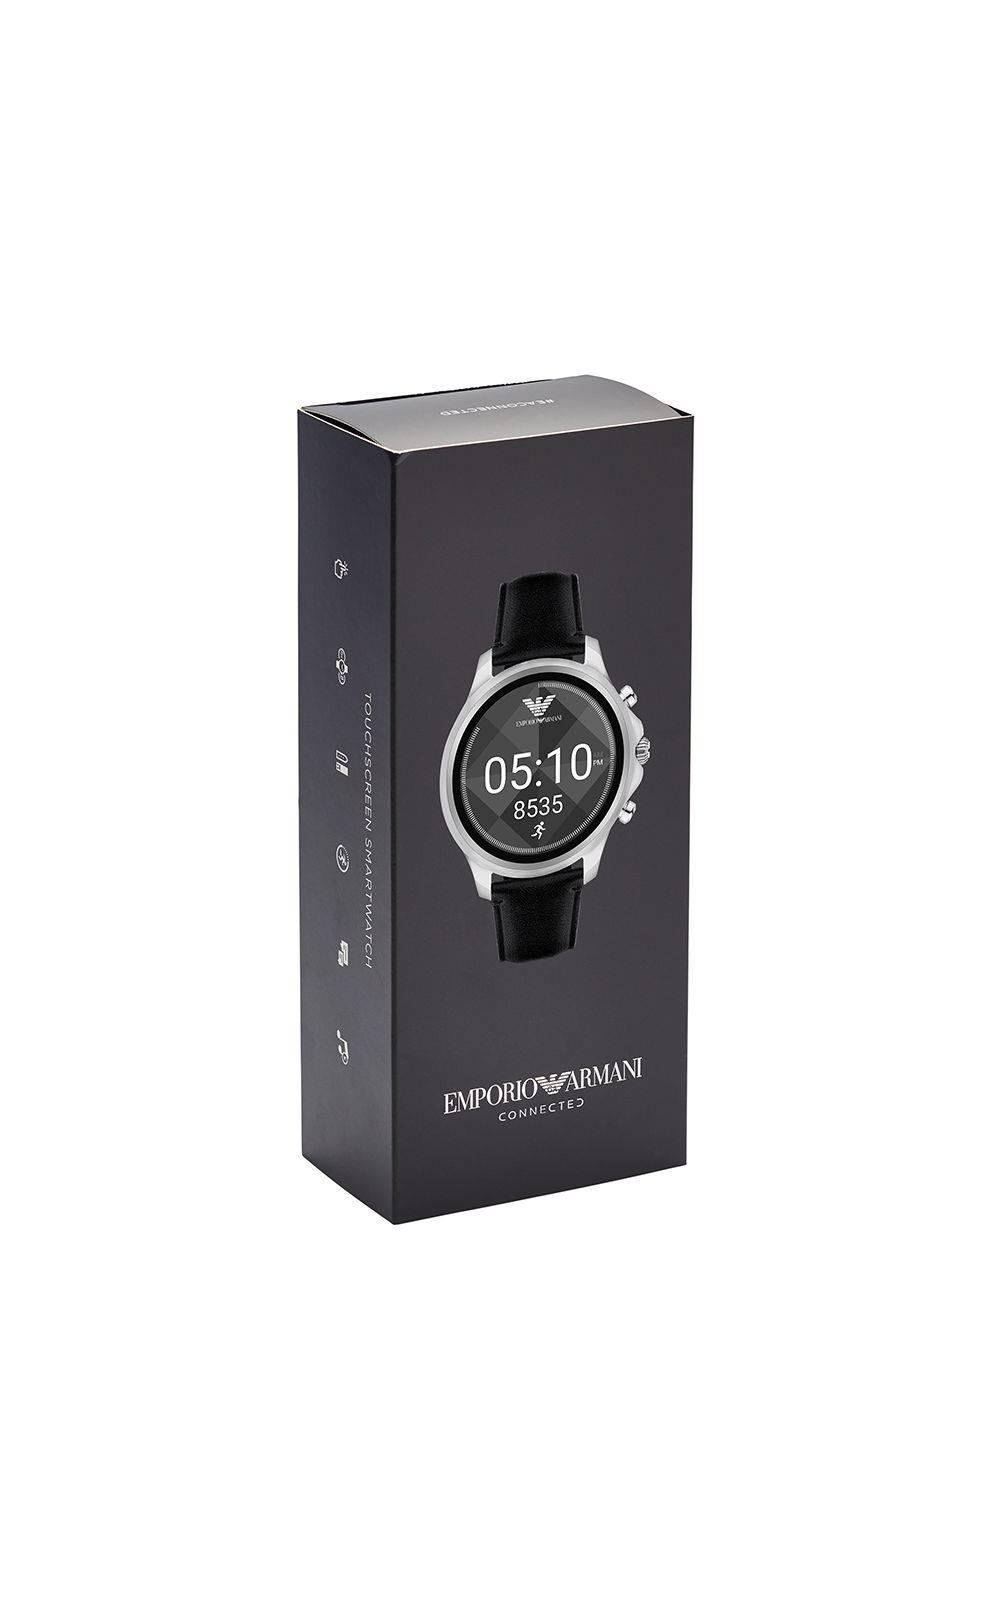 Foto 6 - Smartwatch Emporio Armani Masculino Prata - ART5003/0PI